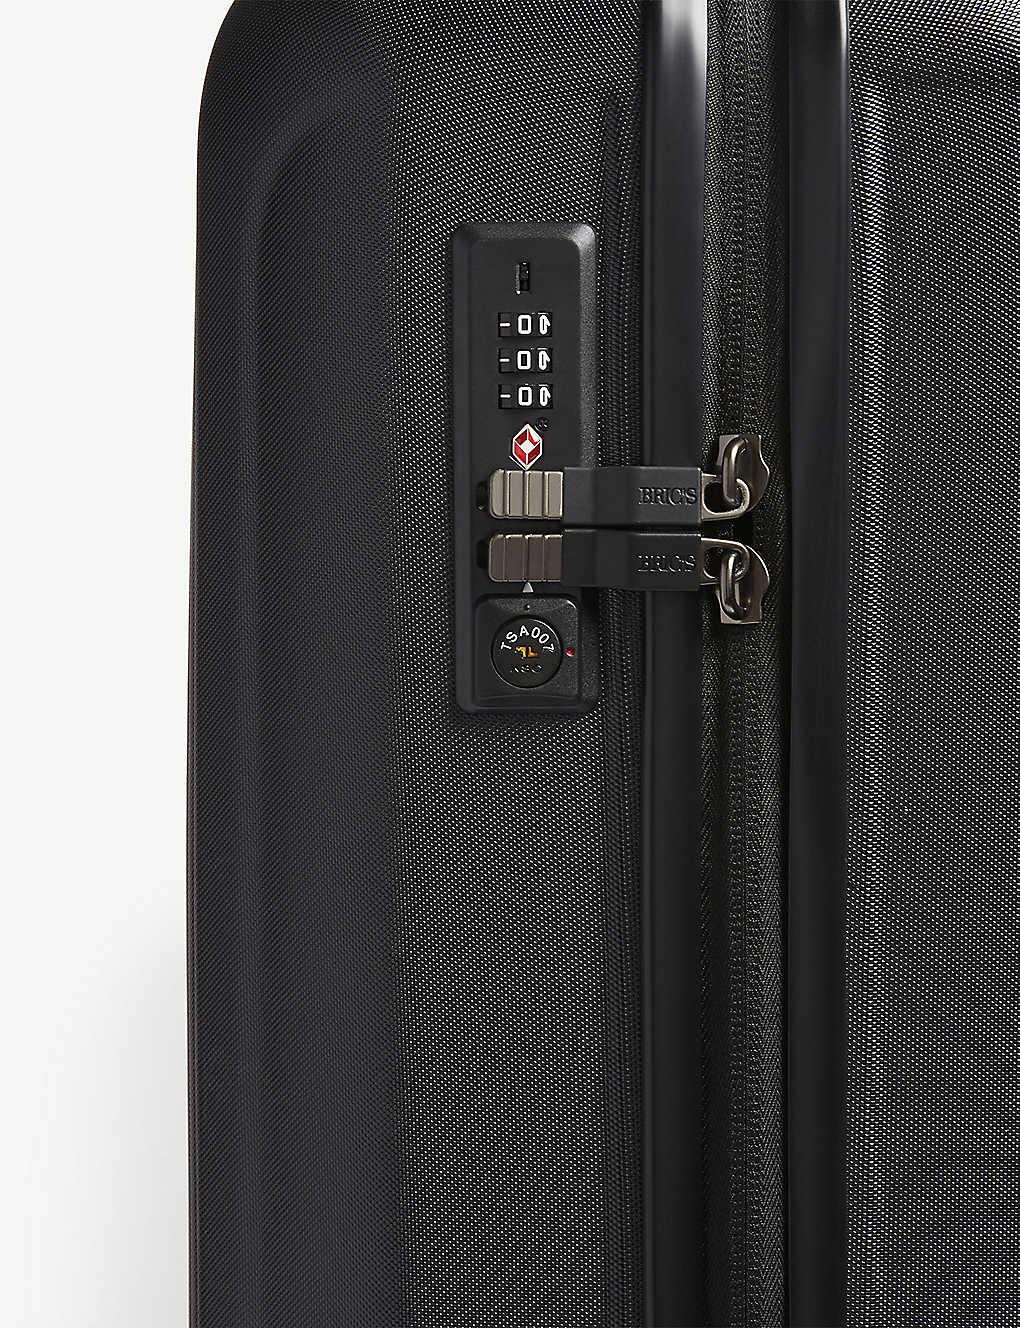 92fada92ca79 BRICS - BRICS Capri matt hard case carry-on suitcase 55cm ...